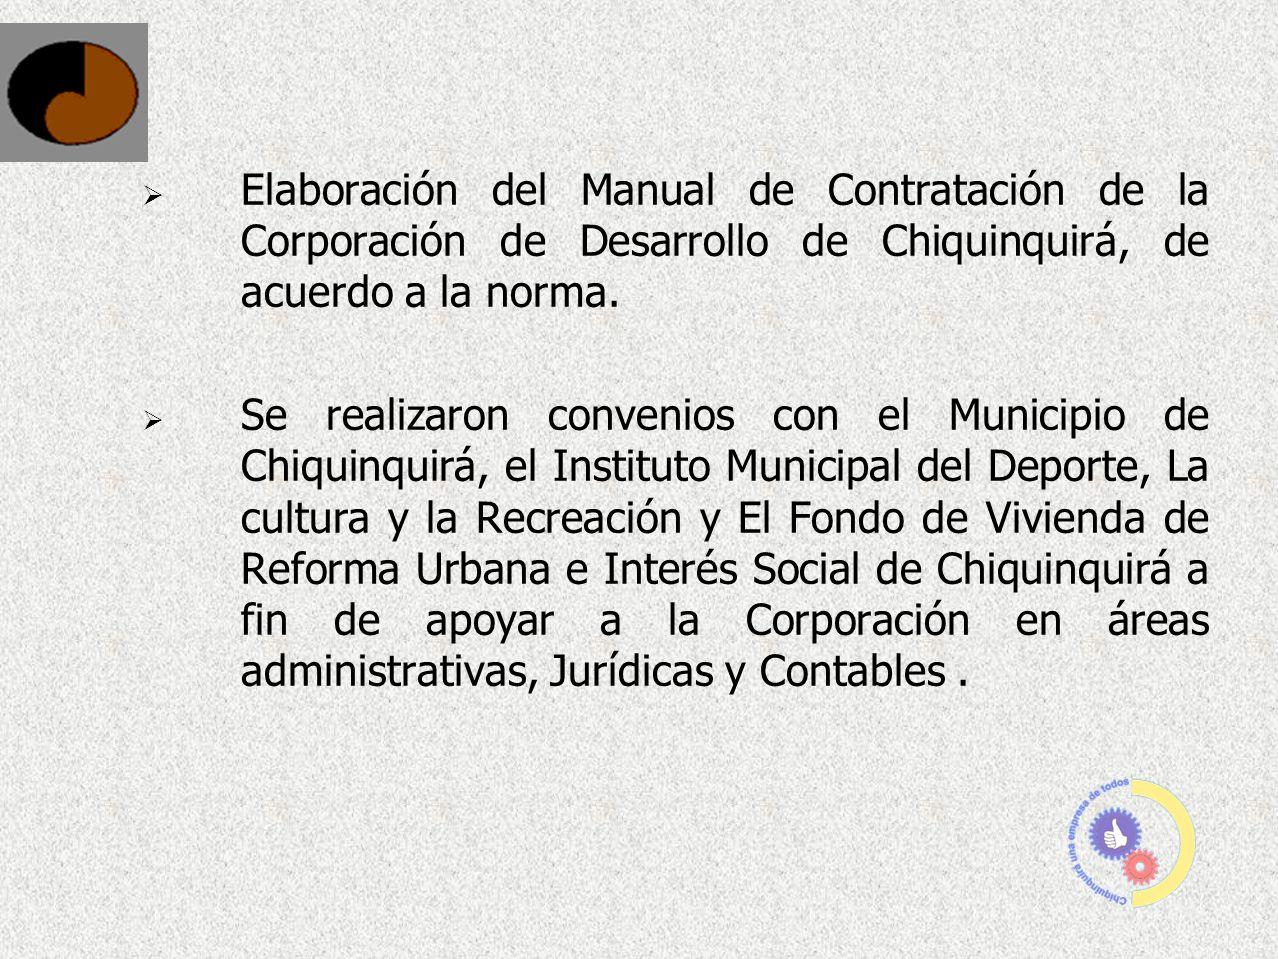 Elaboración del Manual de Contratación de la Corporación de Desarrollo de Chiquinquirá, de acuerdo a la norma. Se realizaron convenios con el Municipi